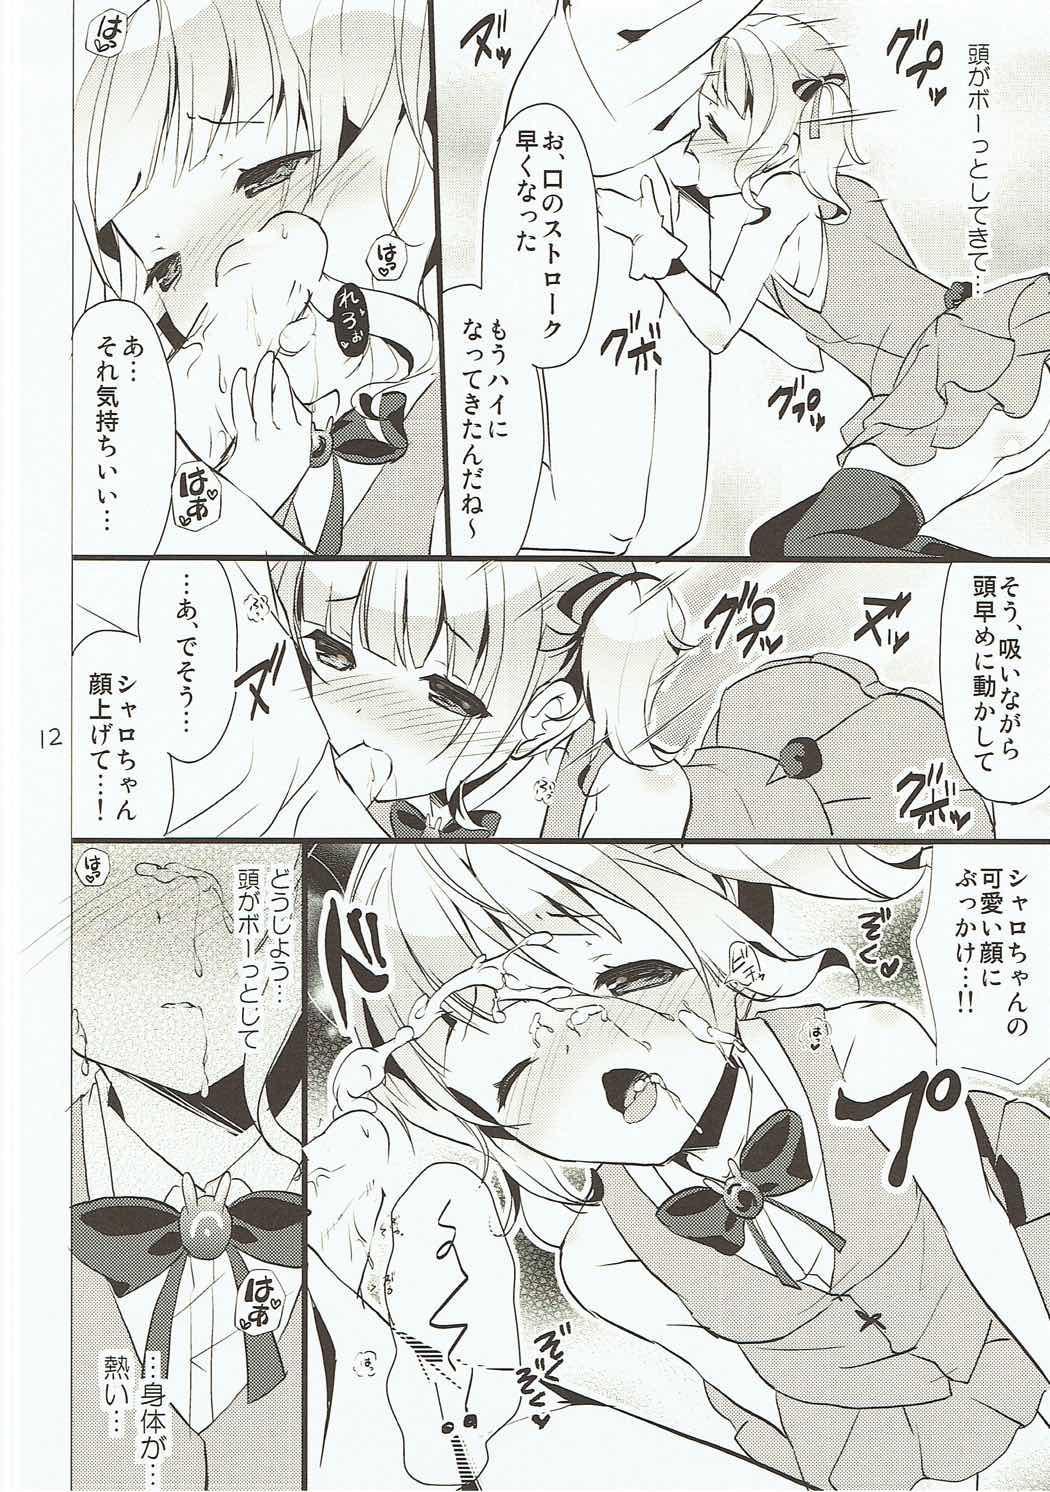 Gochuumon no ChinoSharo desu! 10